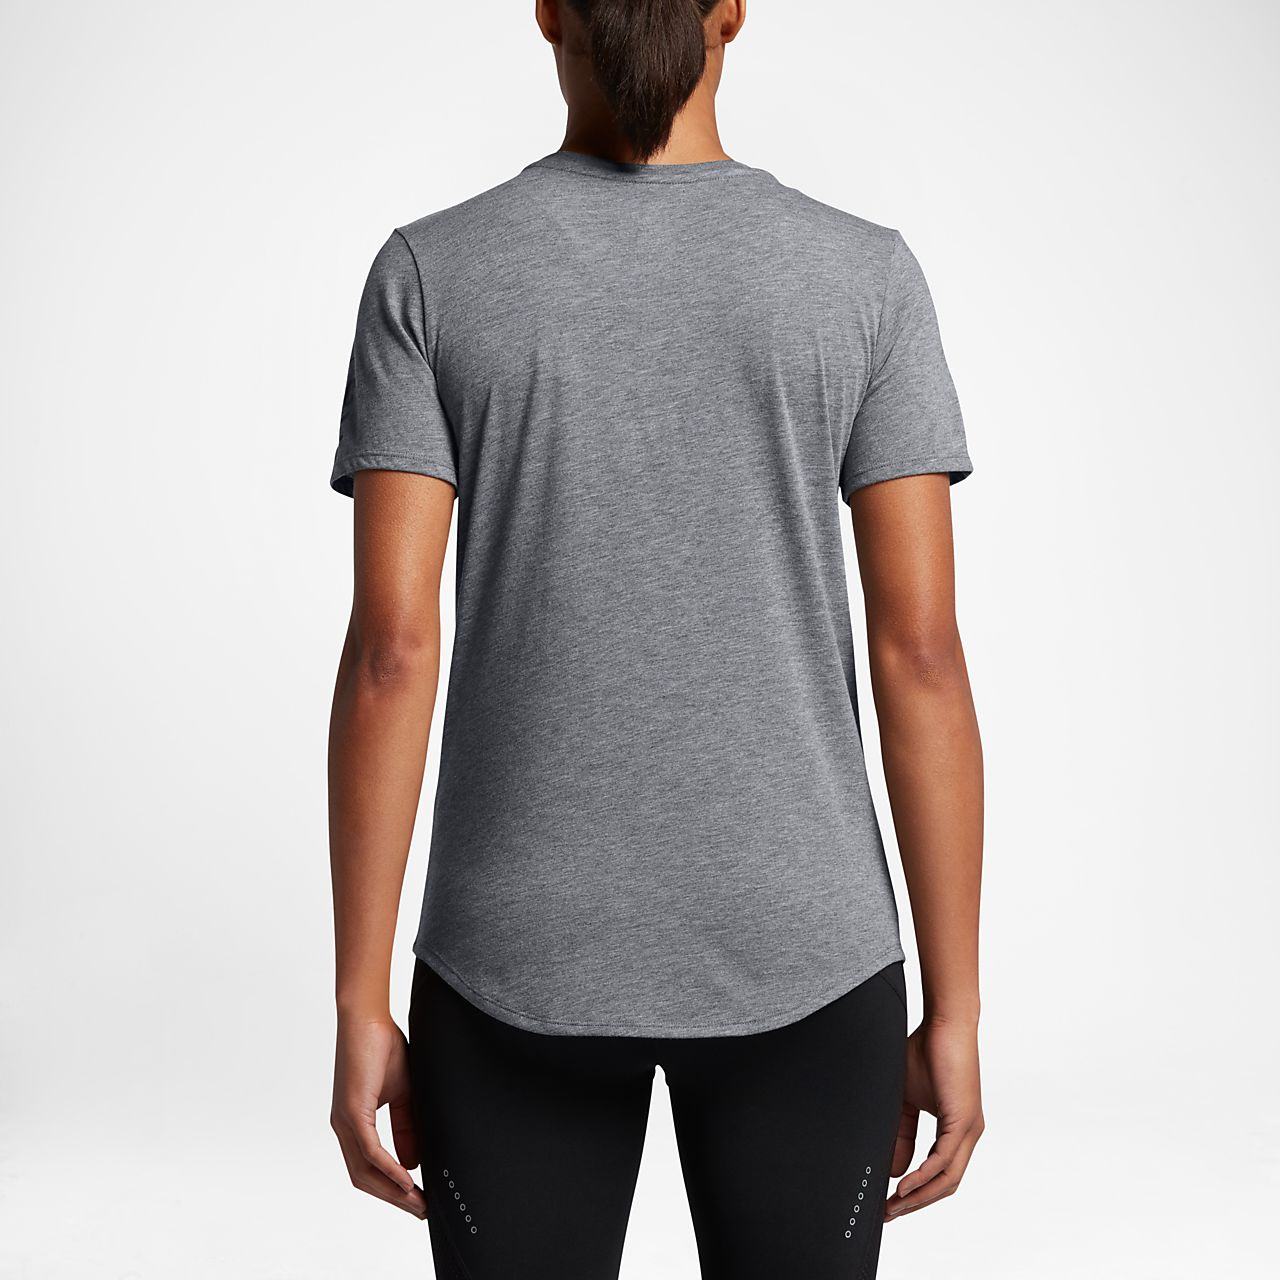 Nike Dri Fit T-shirt